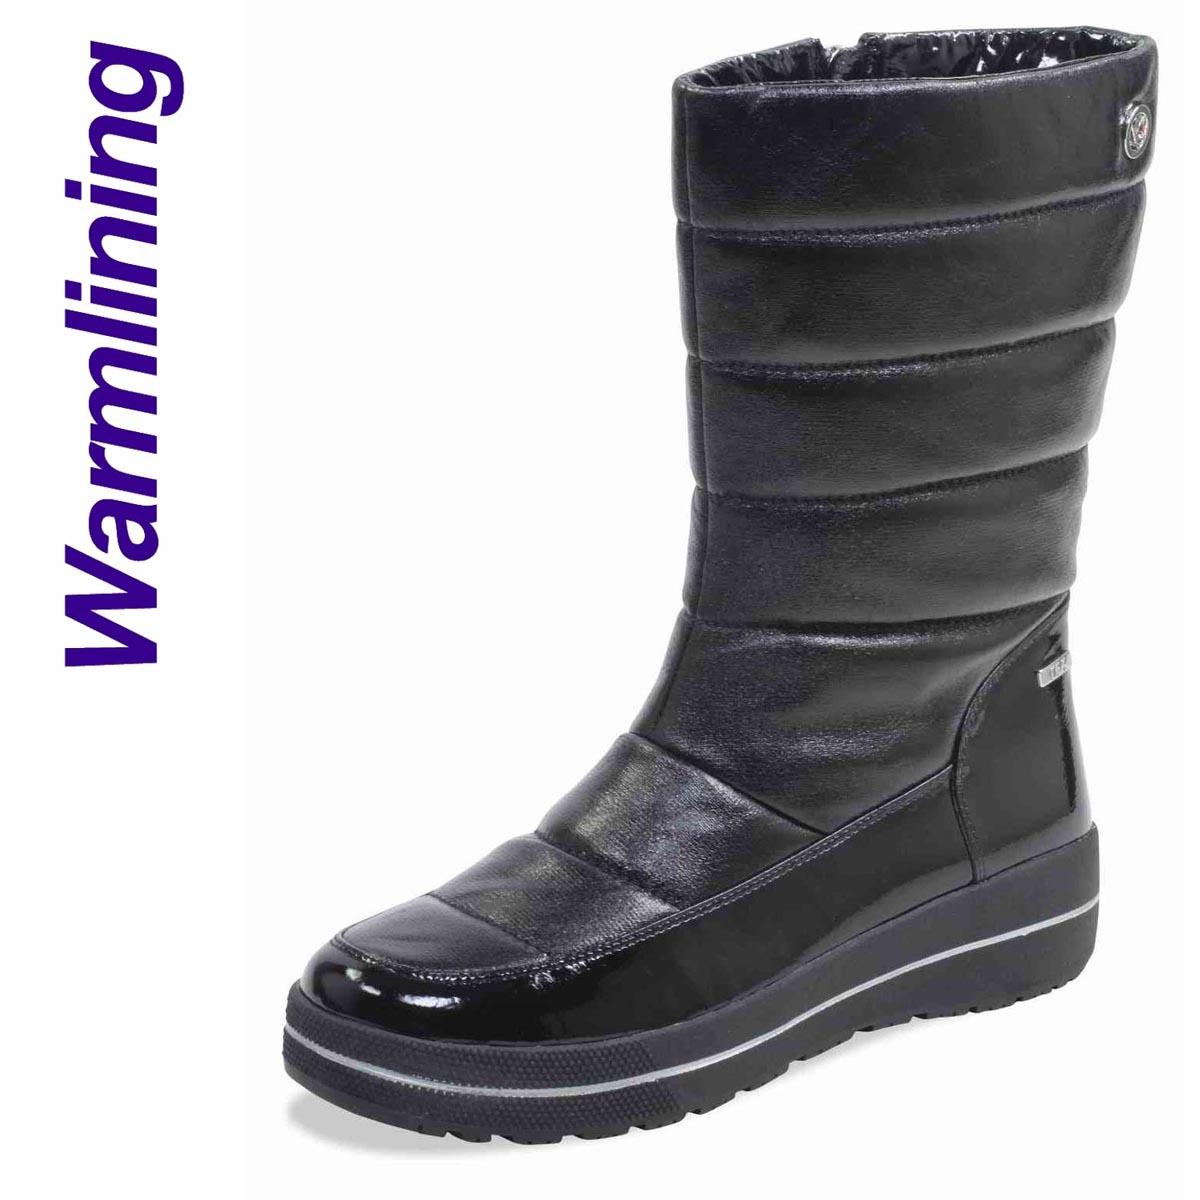 Wilma - Caprice Black Boot